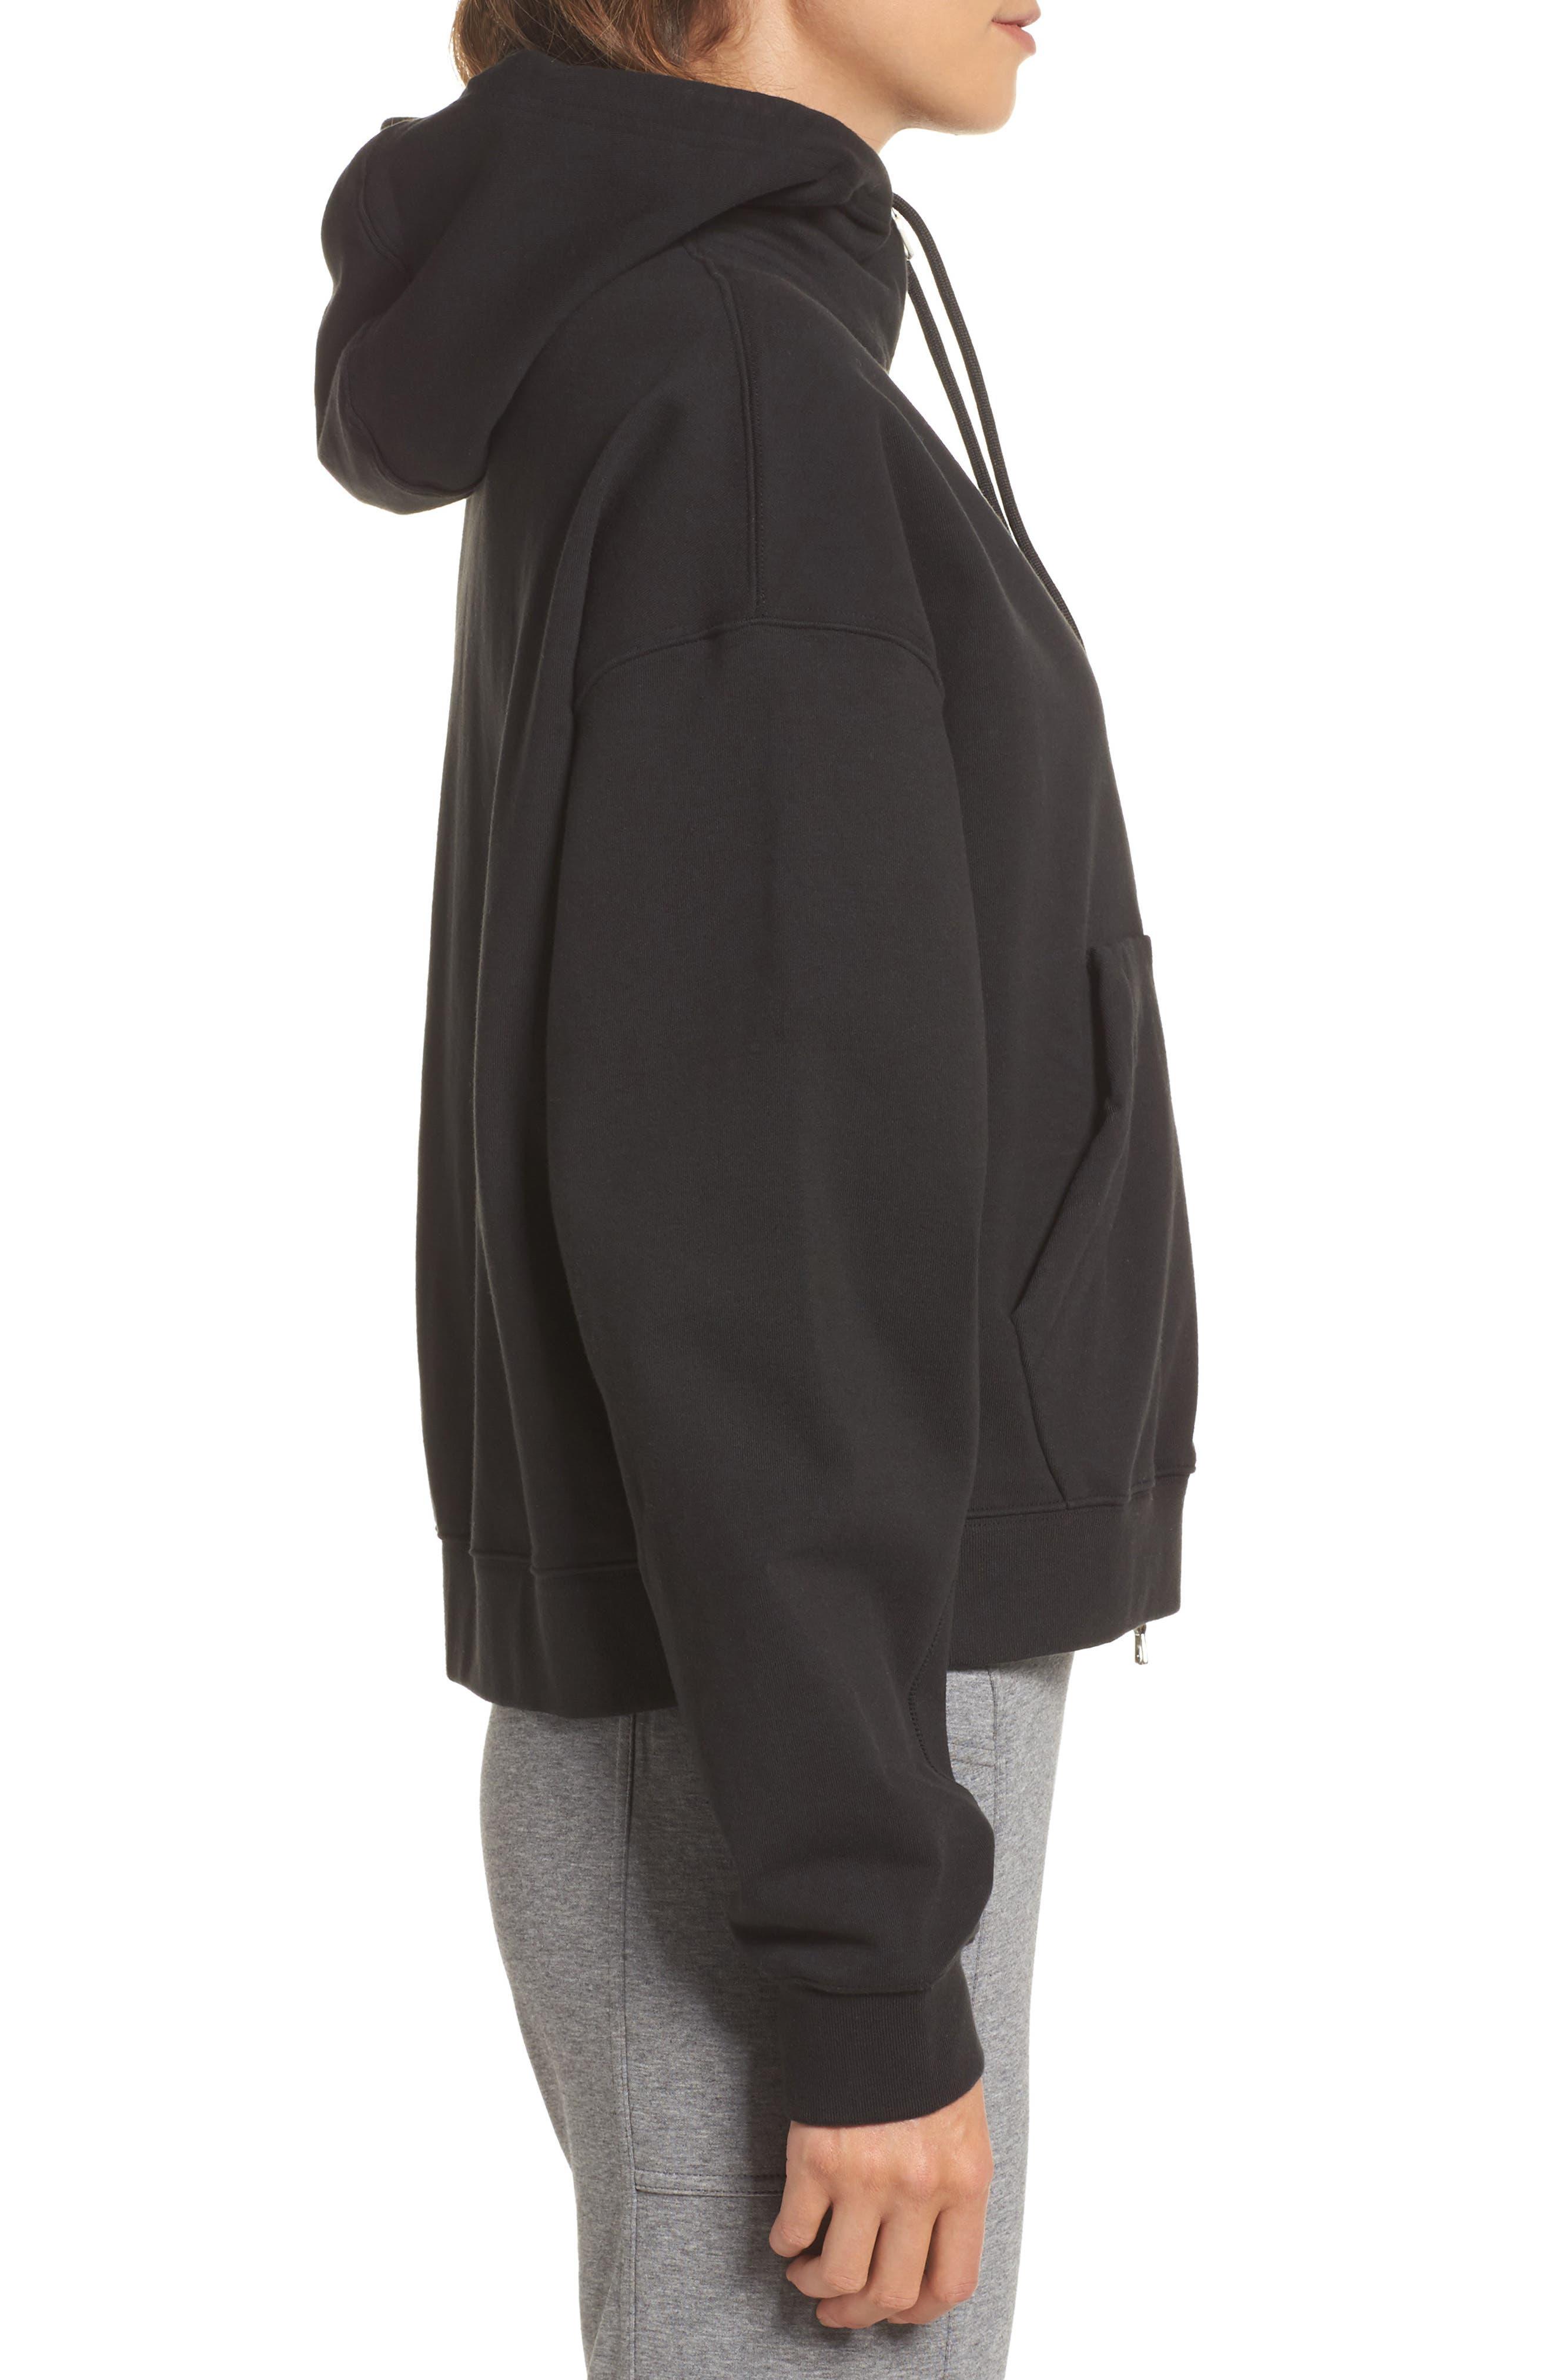 NikeLab Essentials Women's Zip Hoodie,                             Alternate thumbnail 3, color,                             BLACK/ BLACK